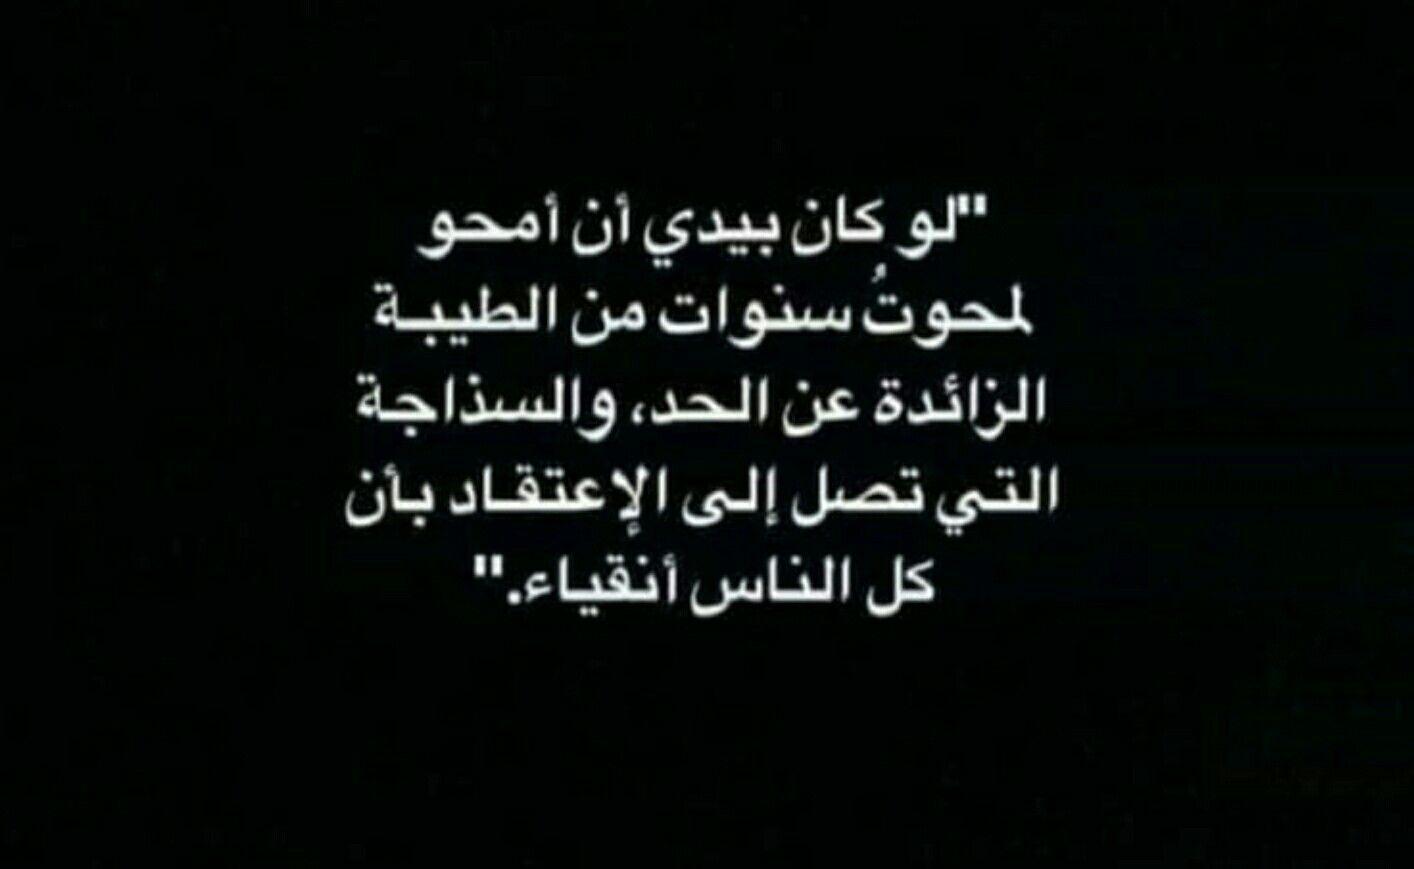 Pin By D I N A On اقتباسات Arabic Quotes Arabic Words Arabic